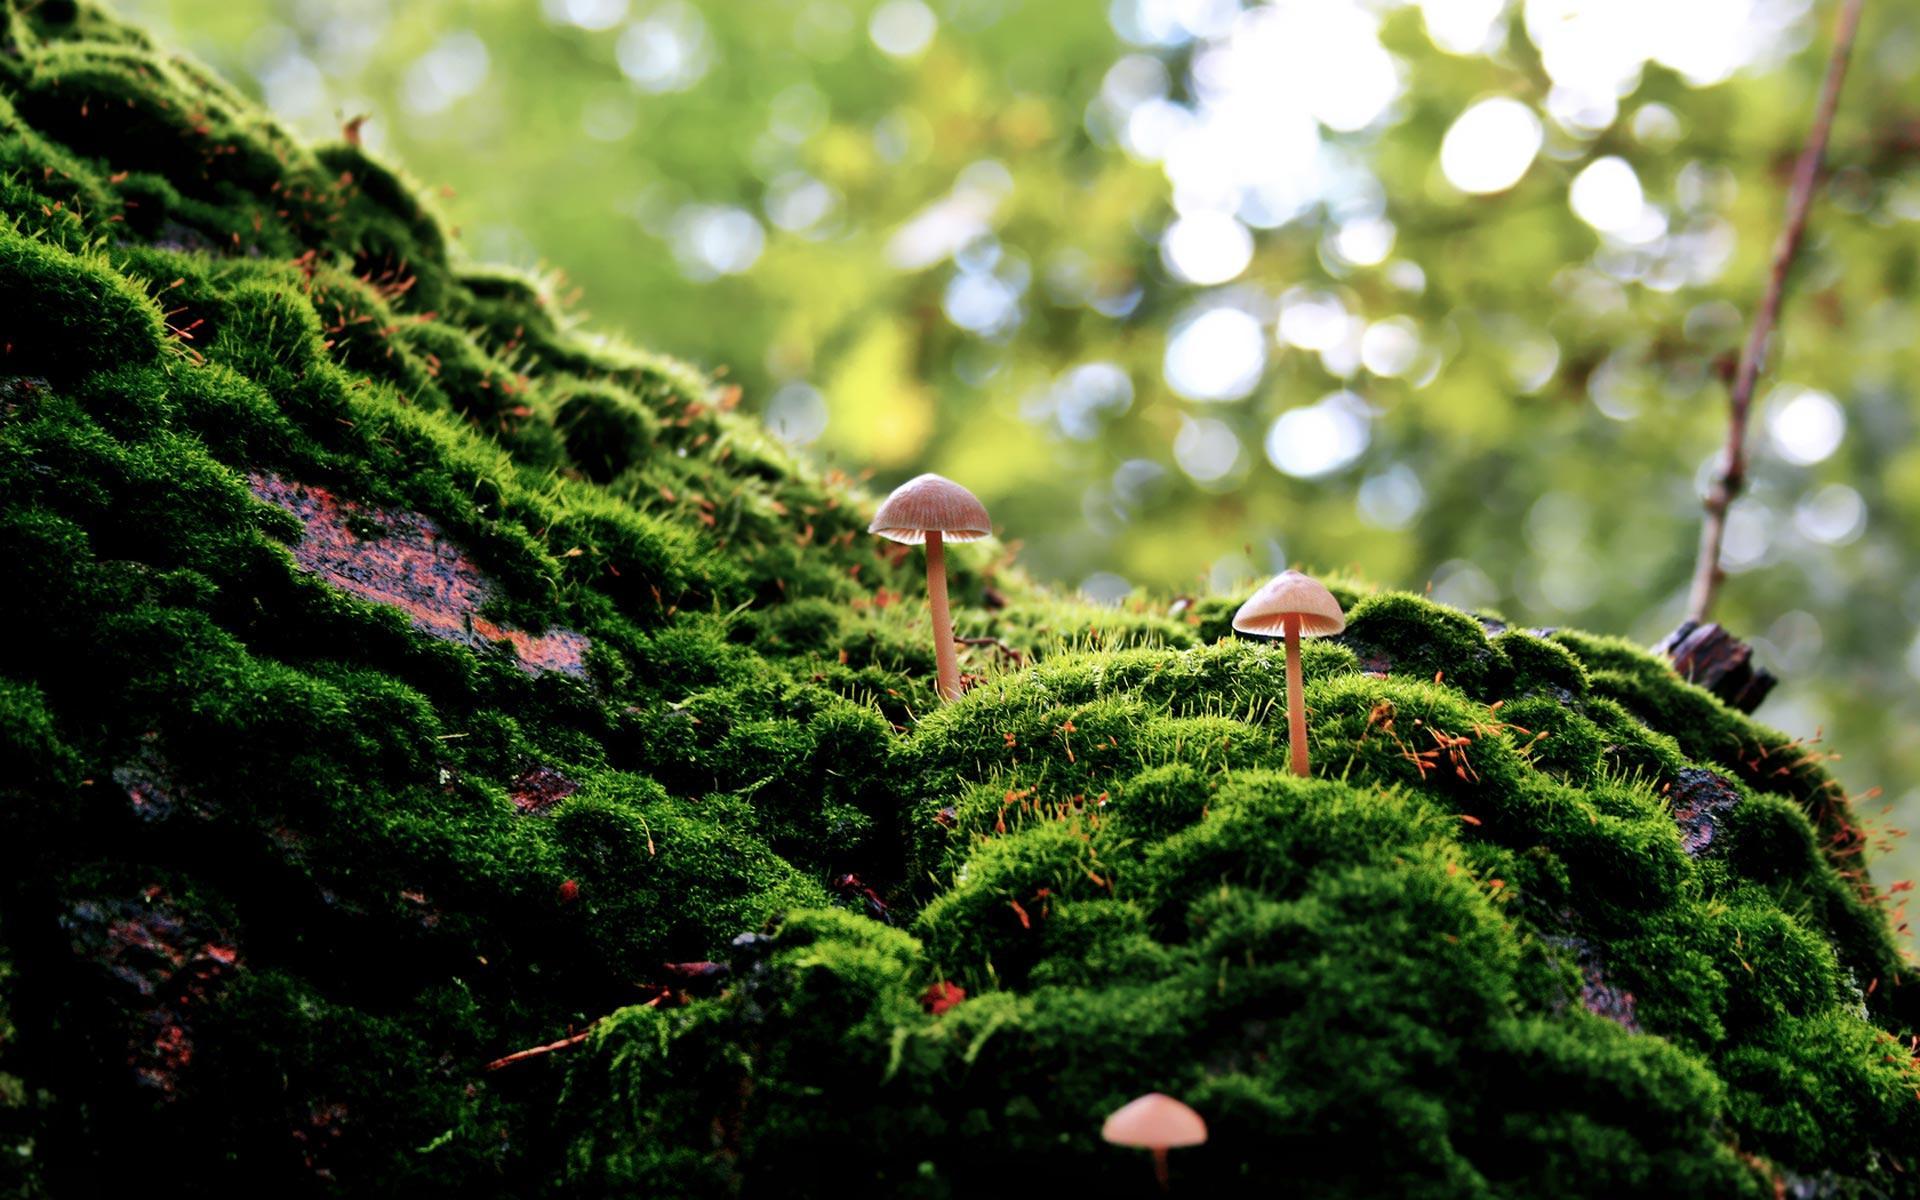 Moss Wallpaper 38579 1920x1200 px